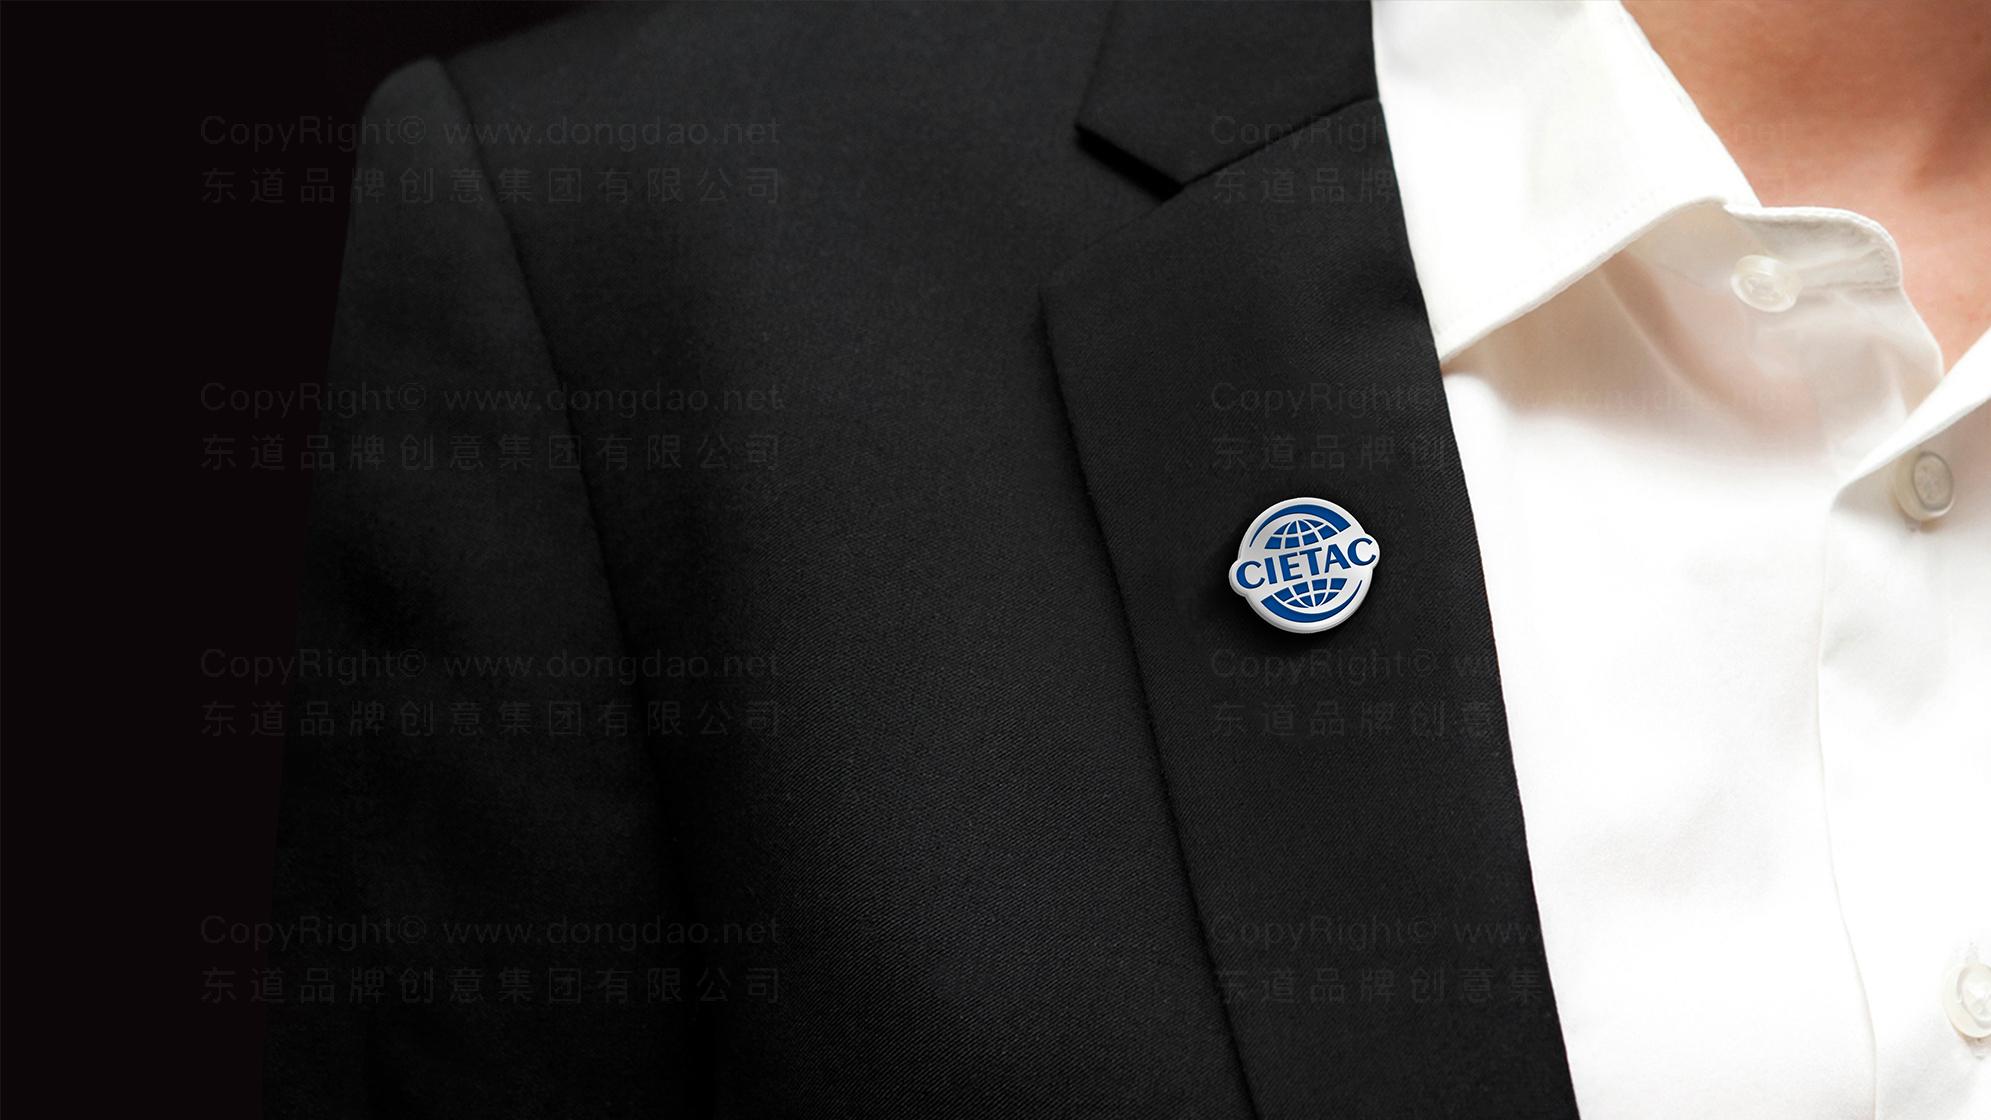 品牌设计经济贸易仲裁委员会标志设计应用场景_3